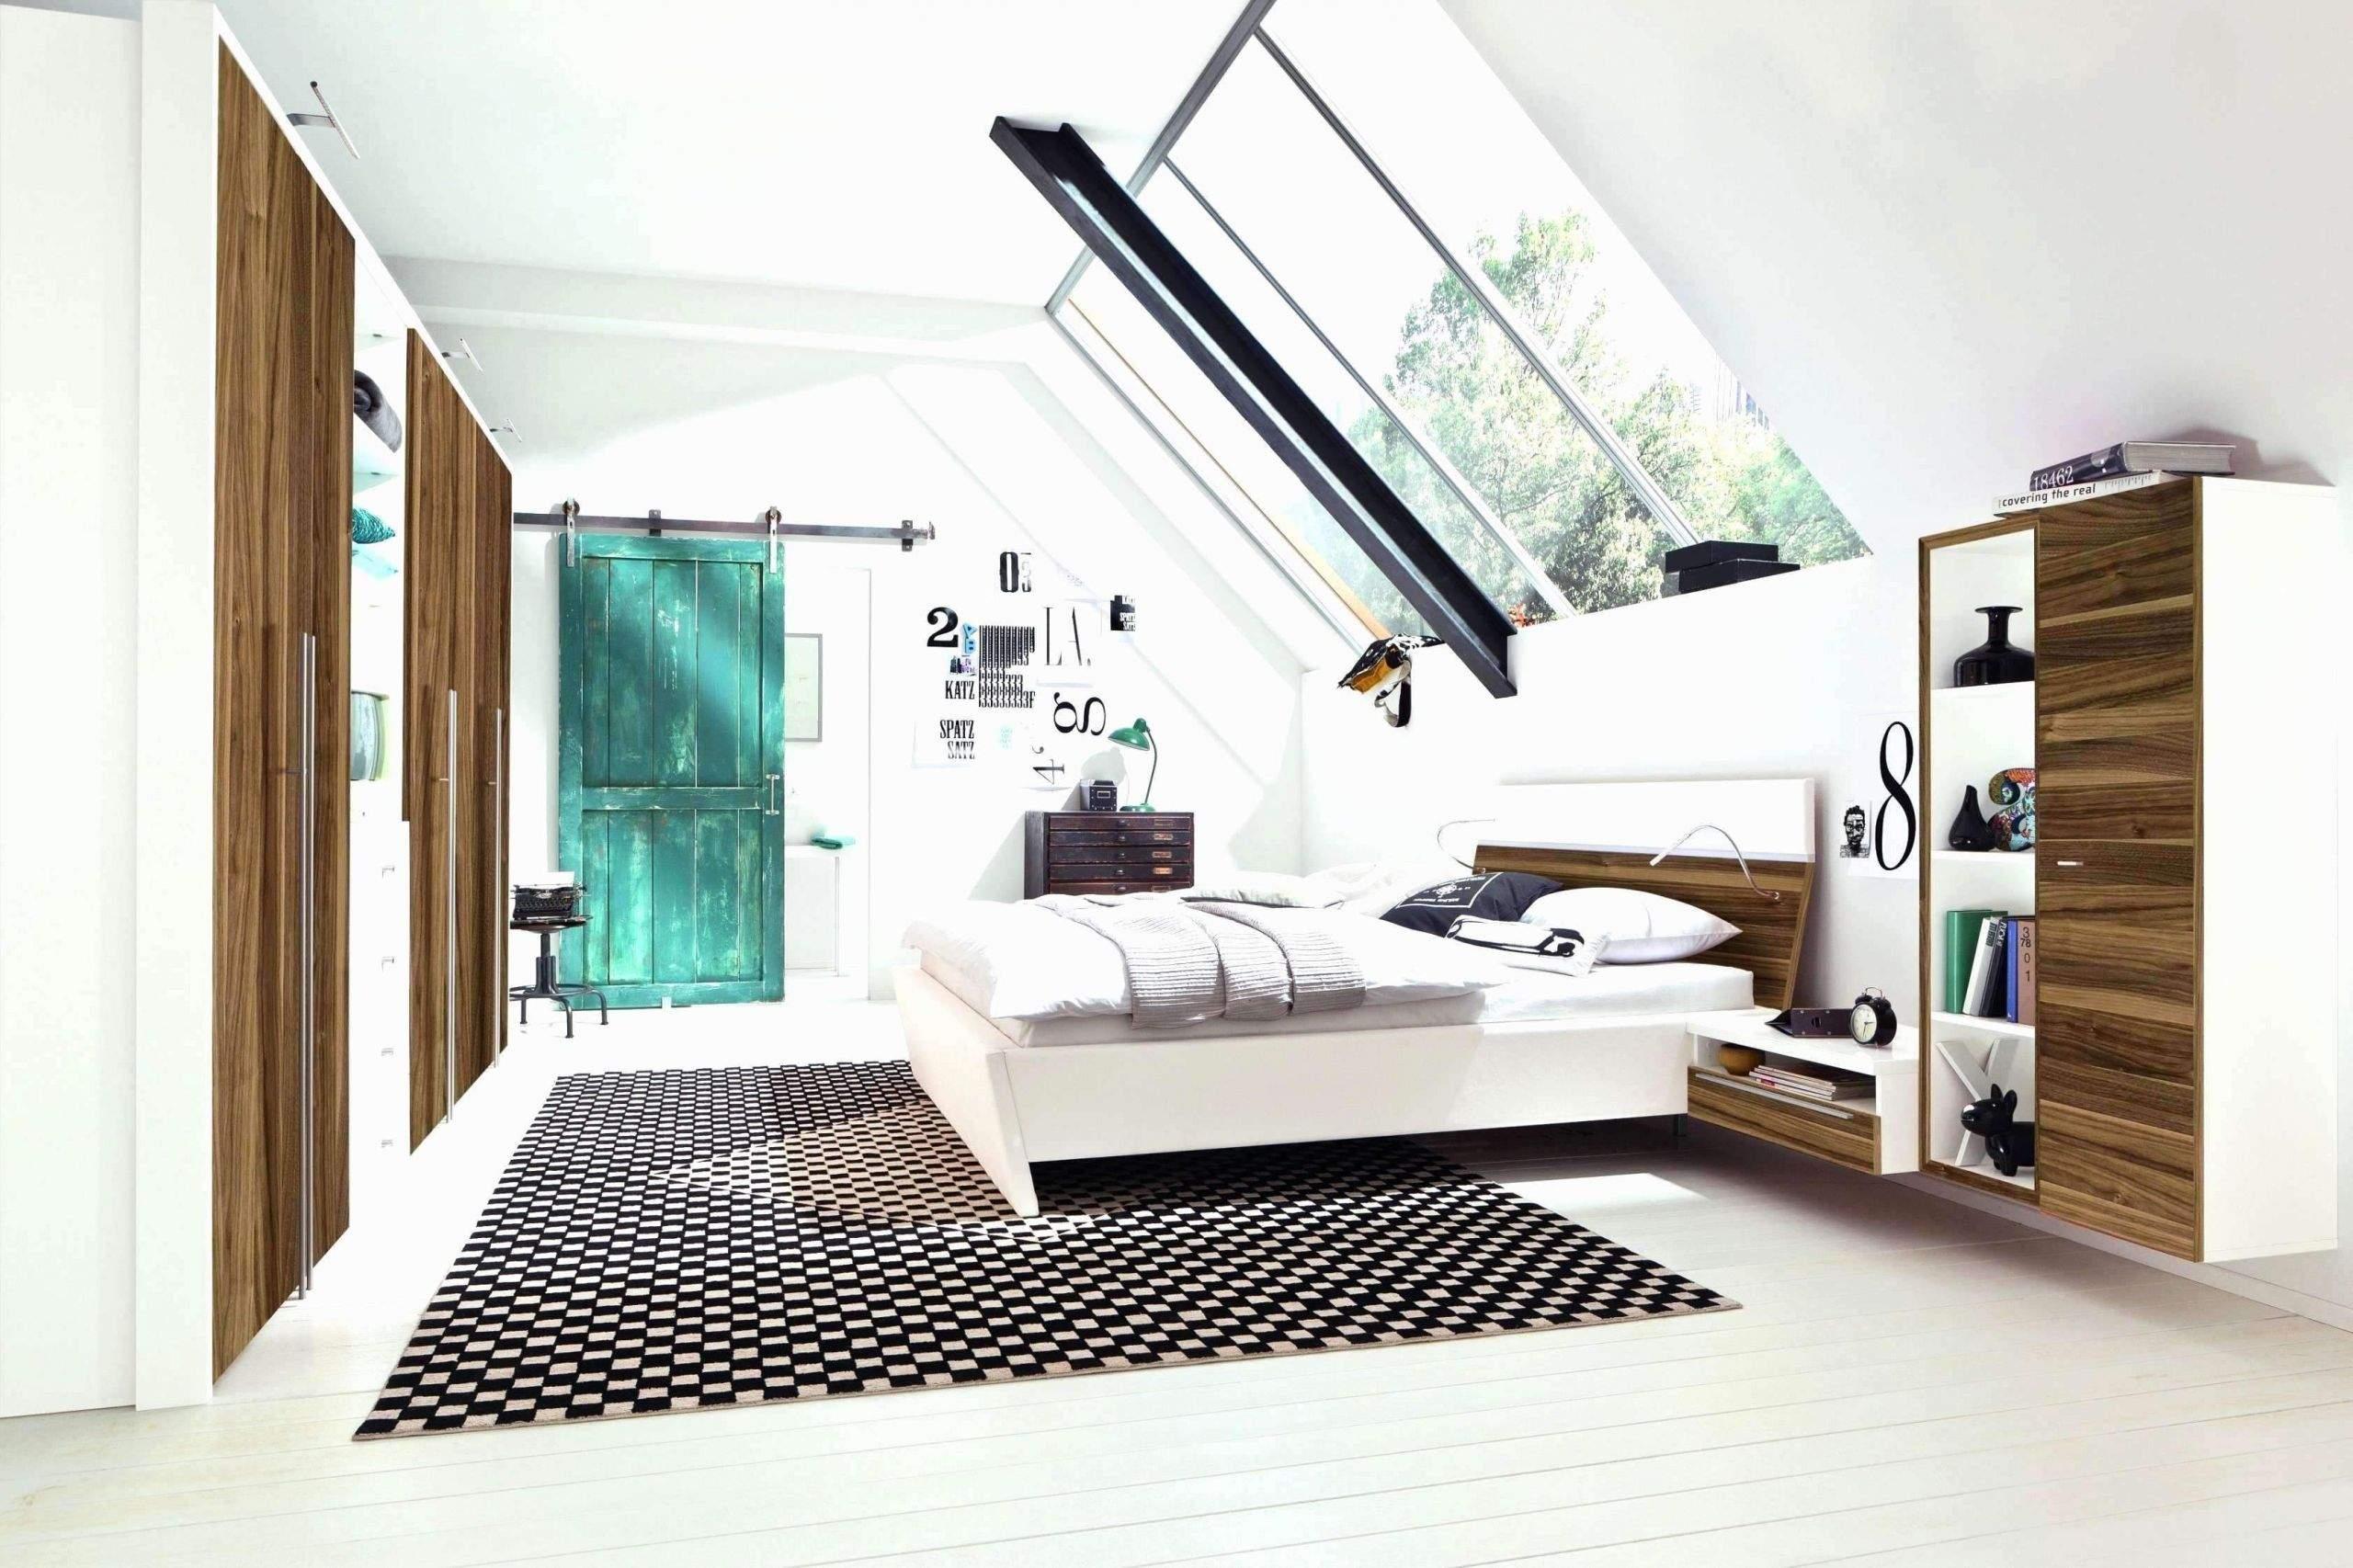 feng shui farben wohnzimmer genial regalwand wohnzimmer konzept sie mussen sehen of feng shui farben wohnzimmer scaled